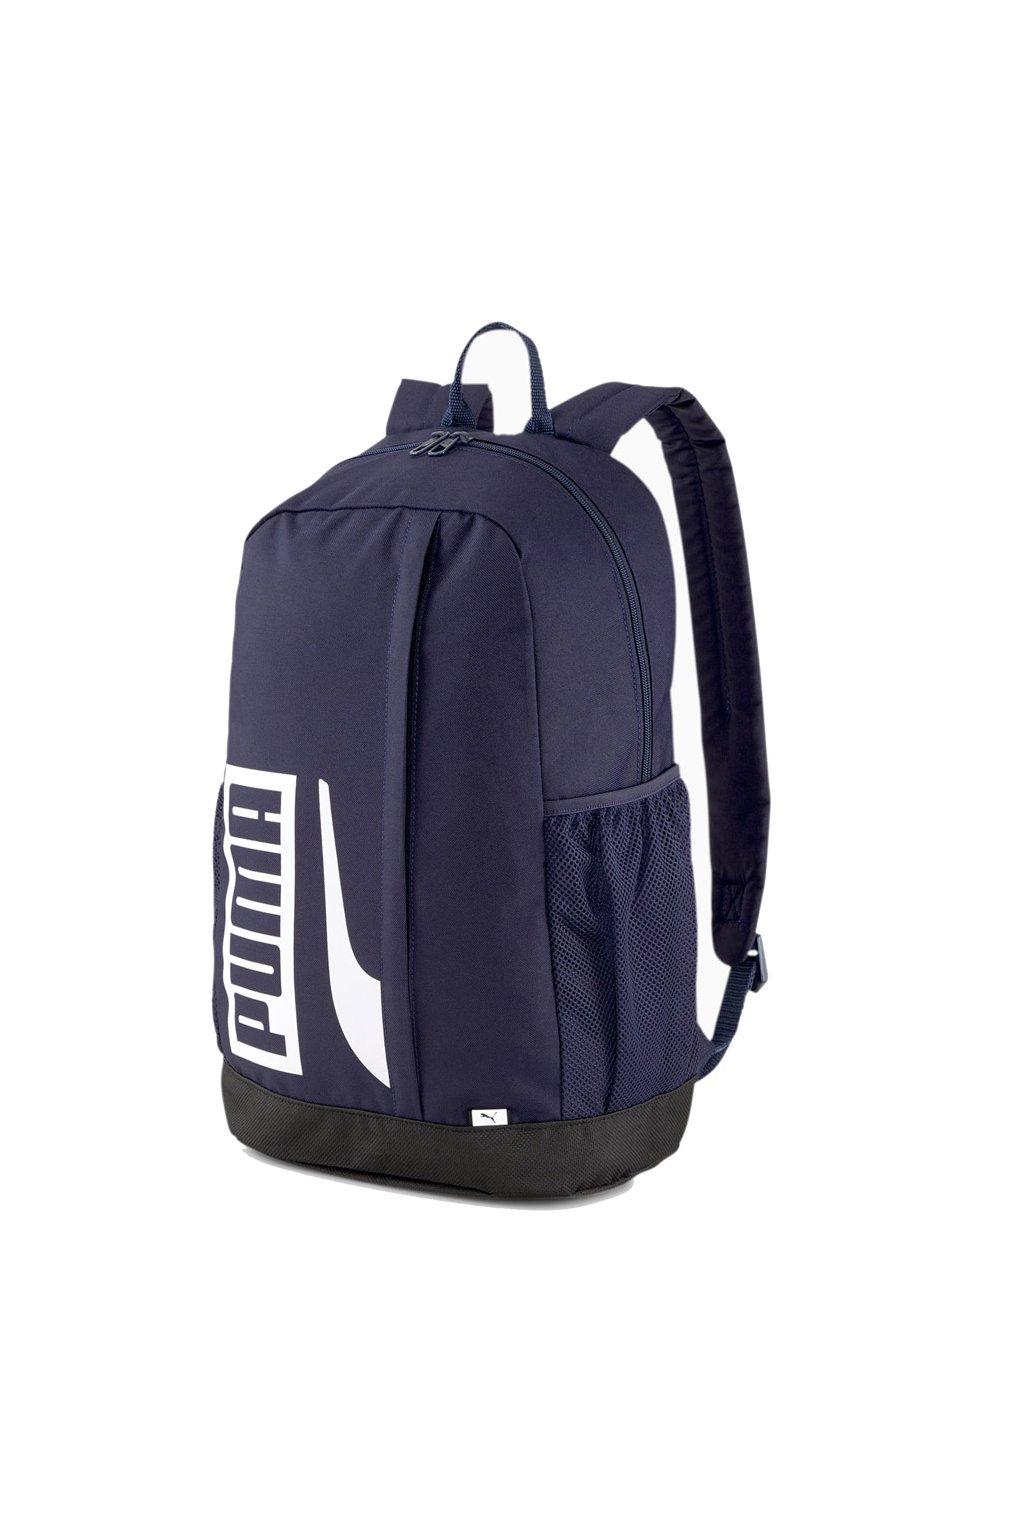 Batoh Puma Plus II tmavo modrý 075749 15